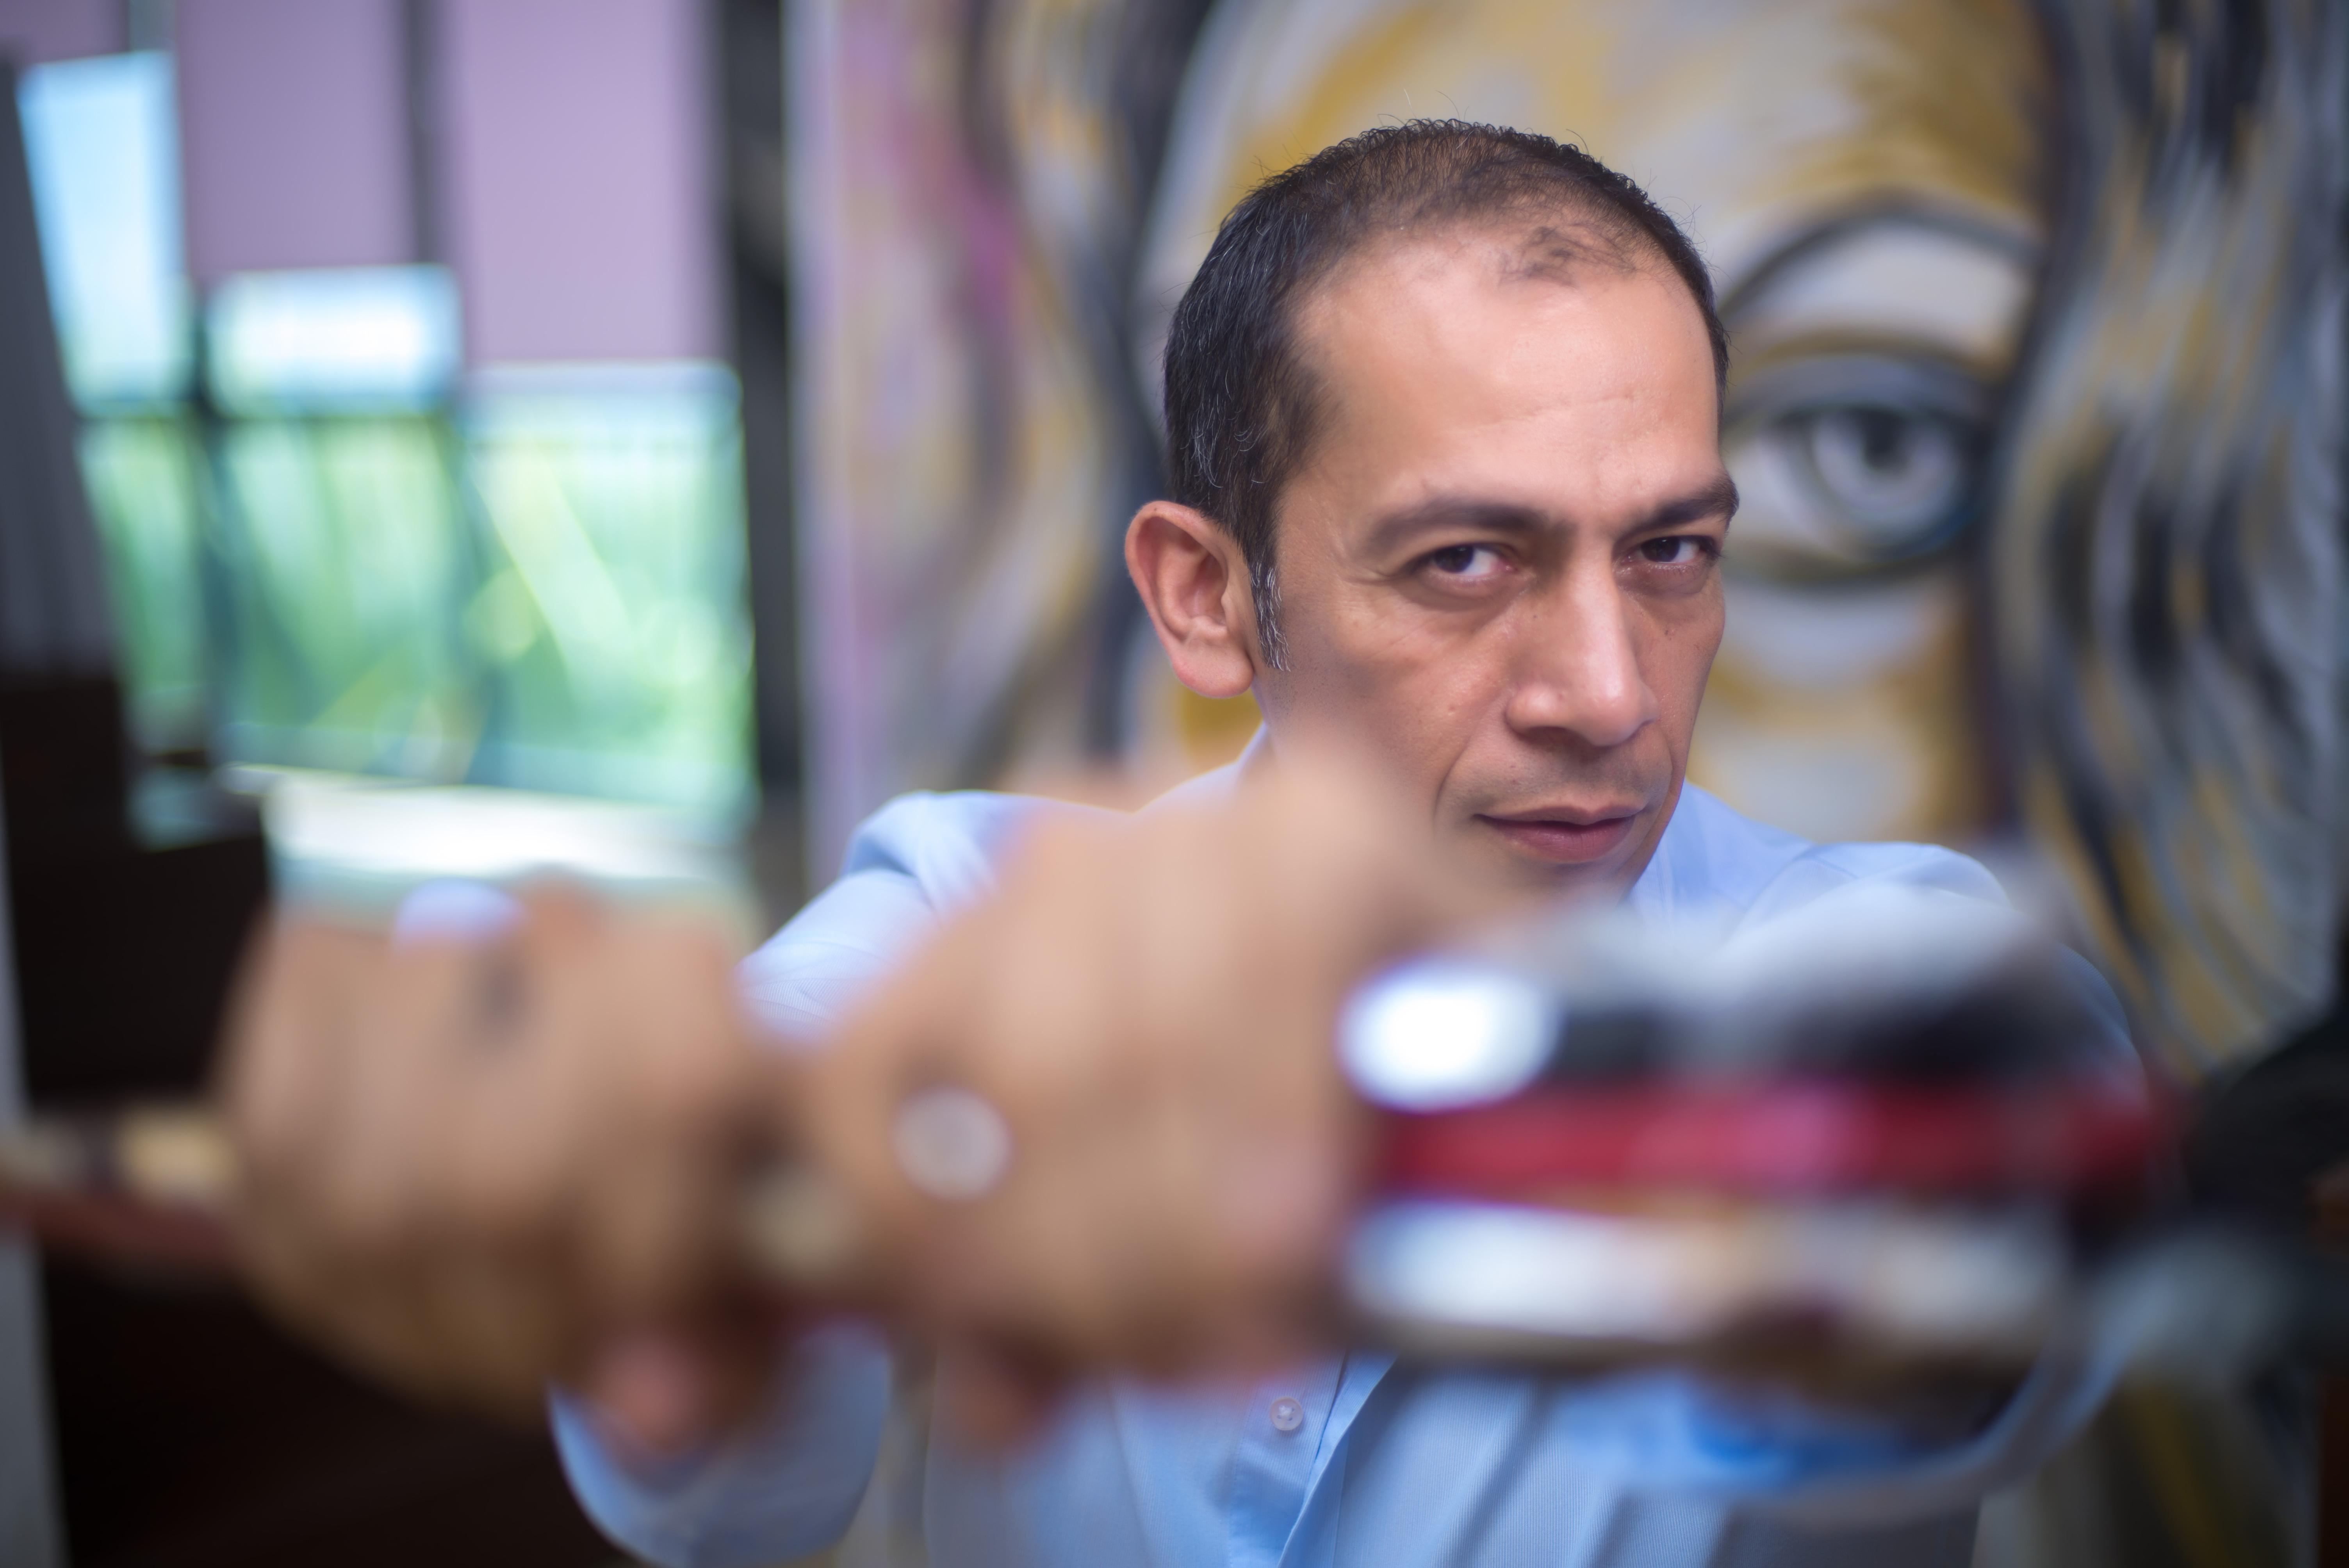 Alejandro Loccoco, de la industria de la belleza al universo de las artes